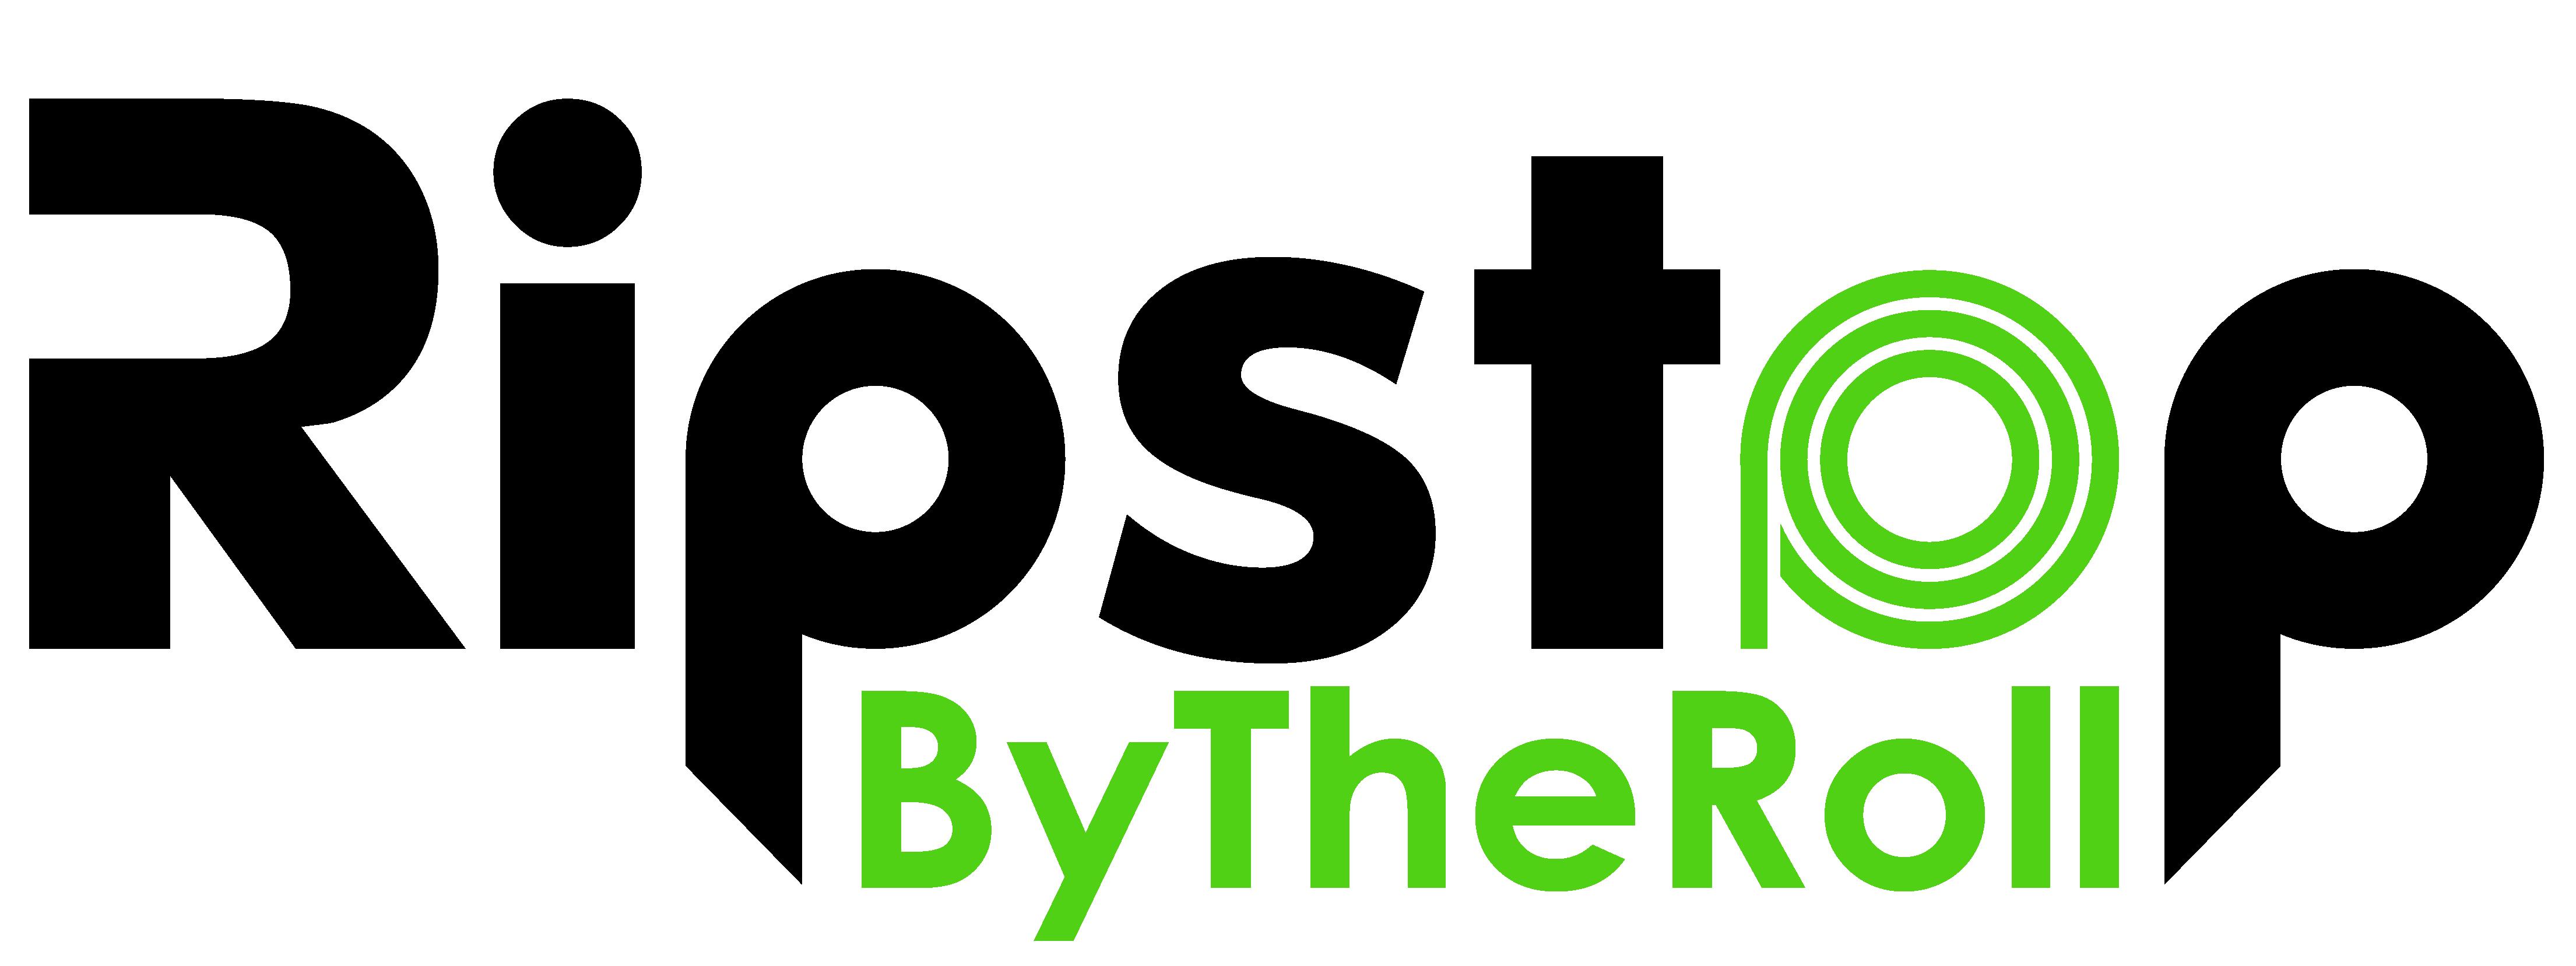 rbtr-integrated-logo-900-dpi-black-01.png